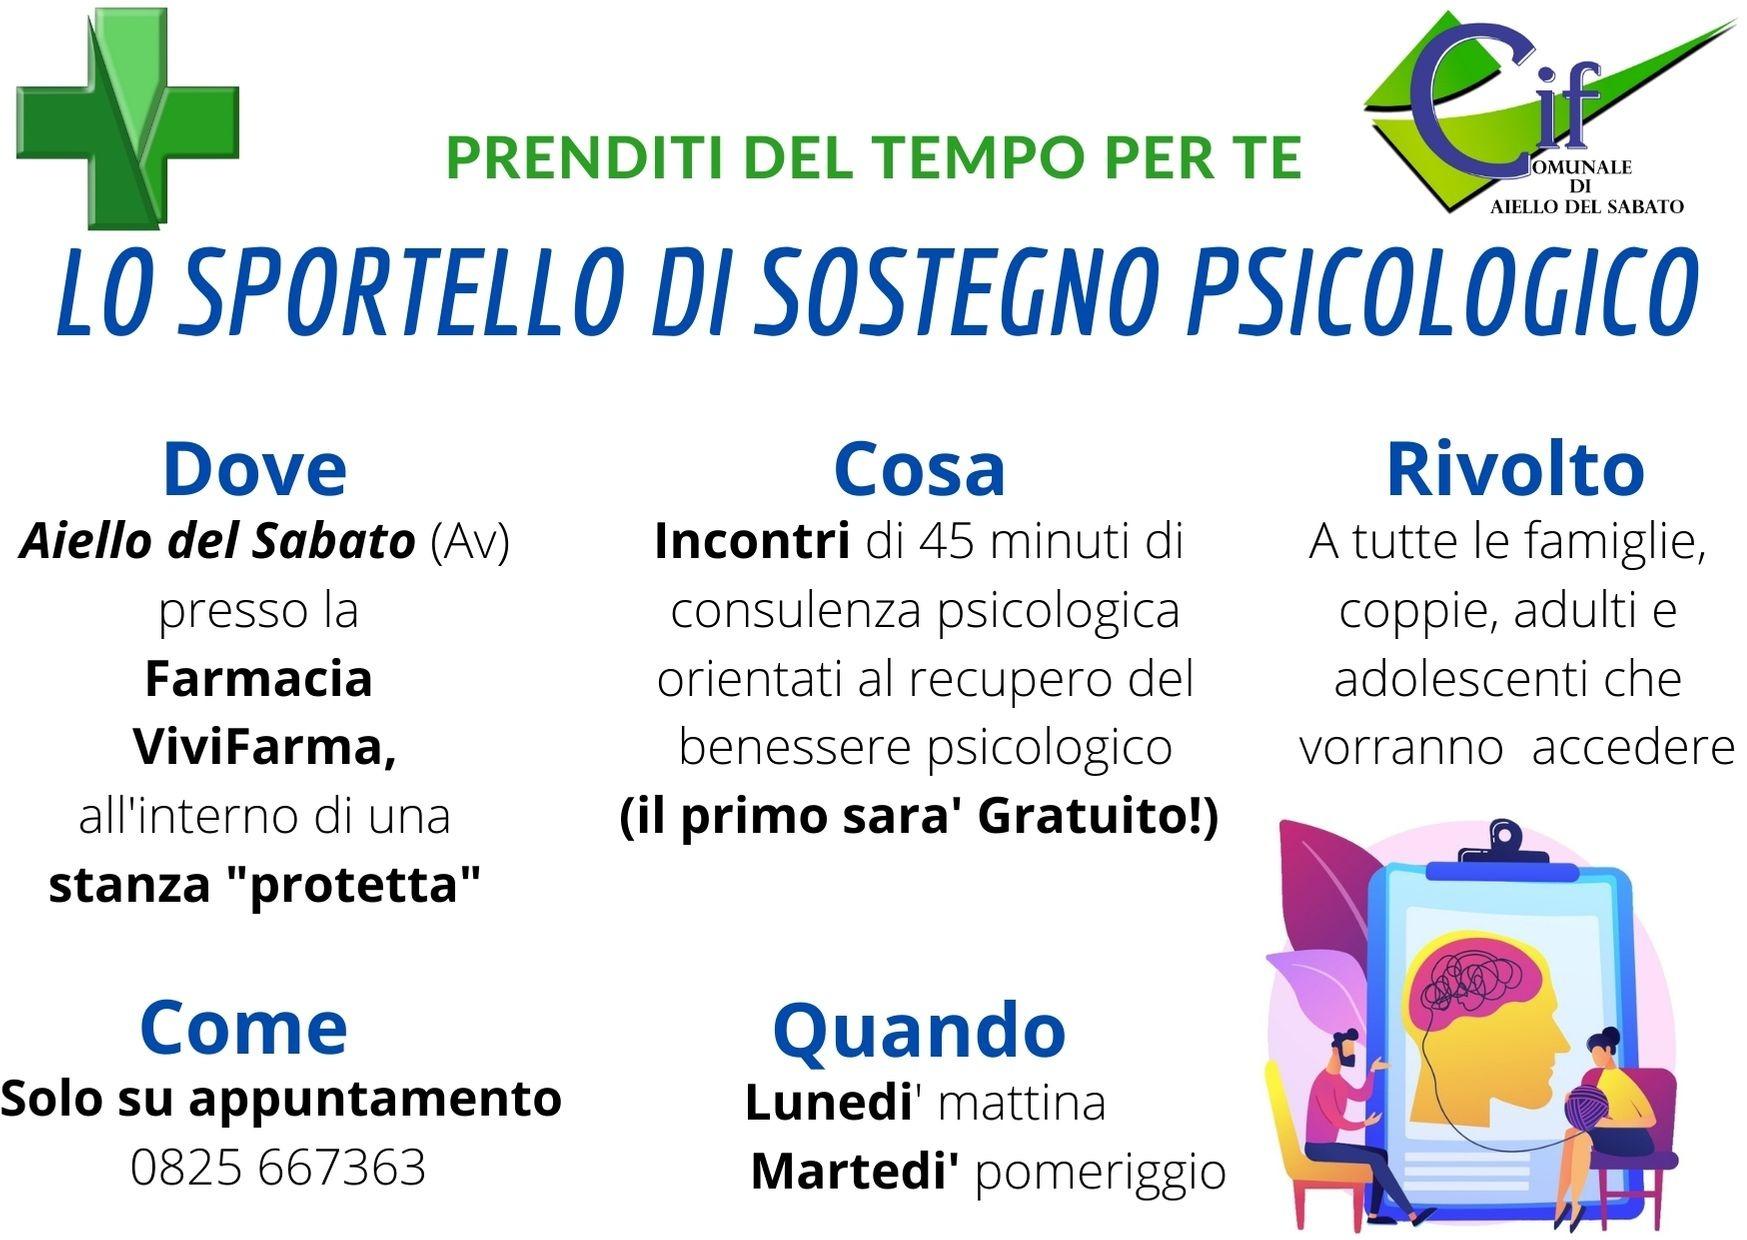 Covid-19, 619 positivi in Campania. Si allenta lievemente la curva dei contagi